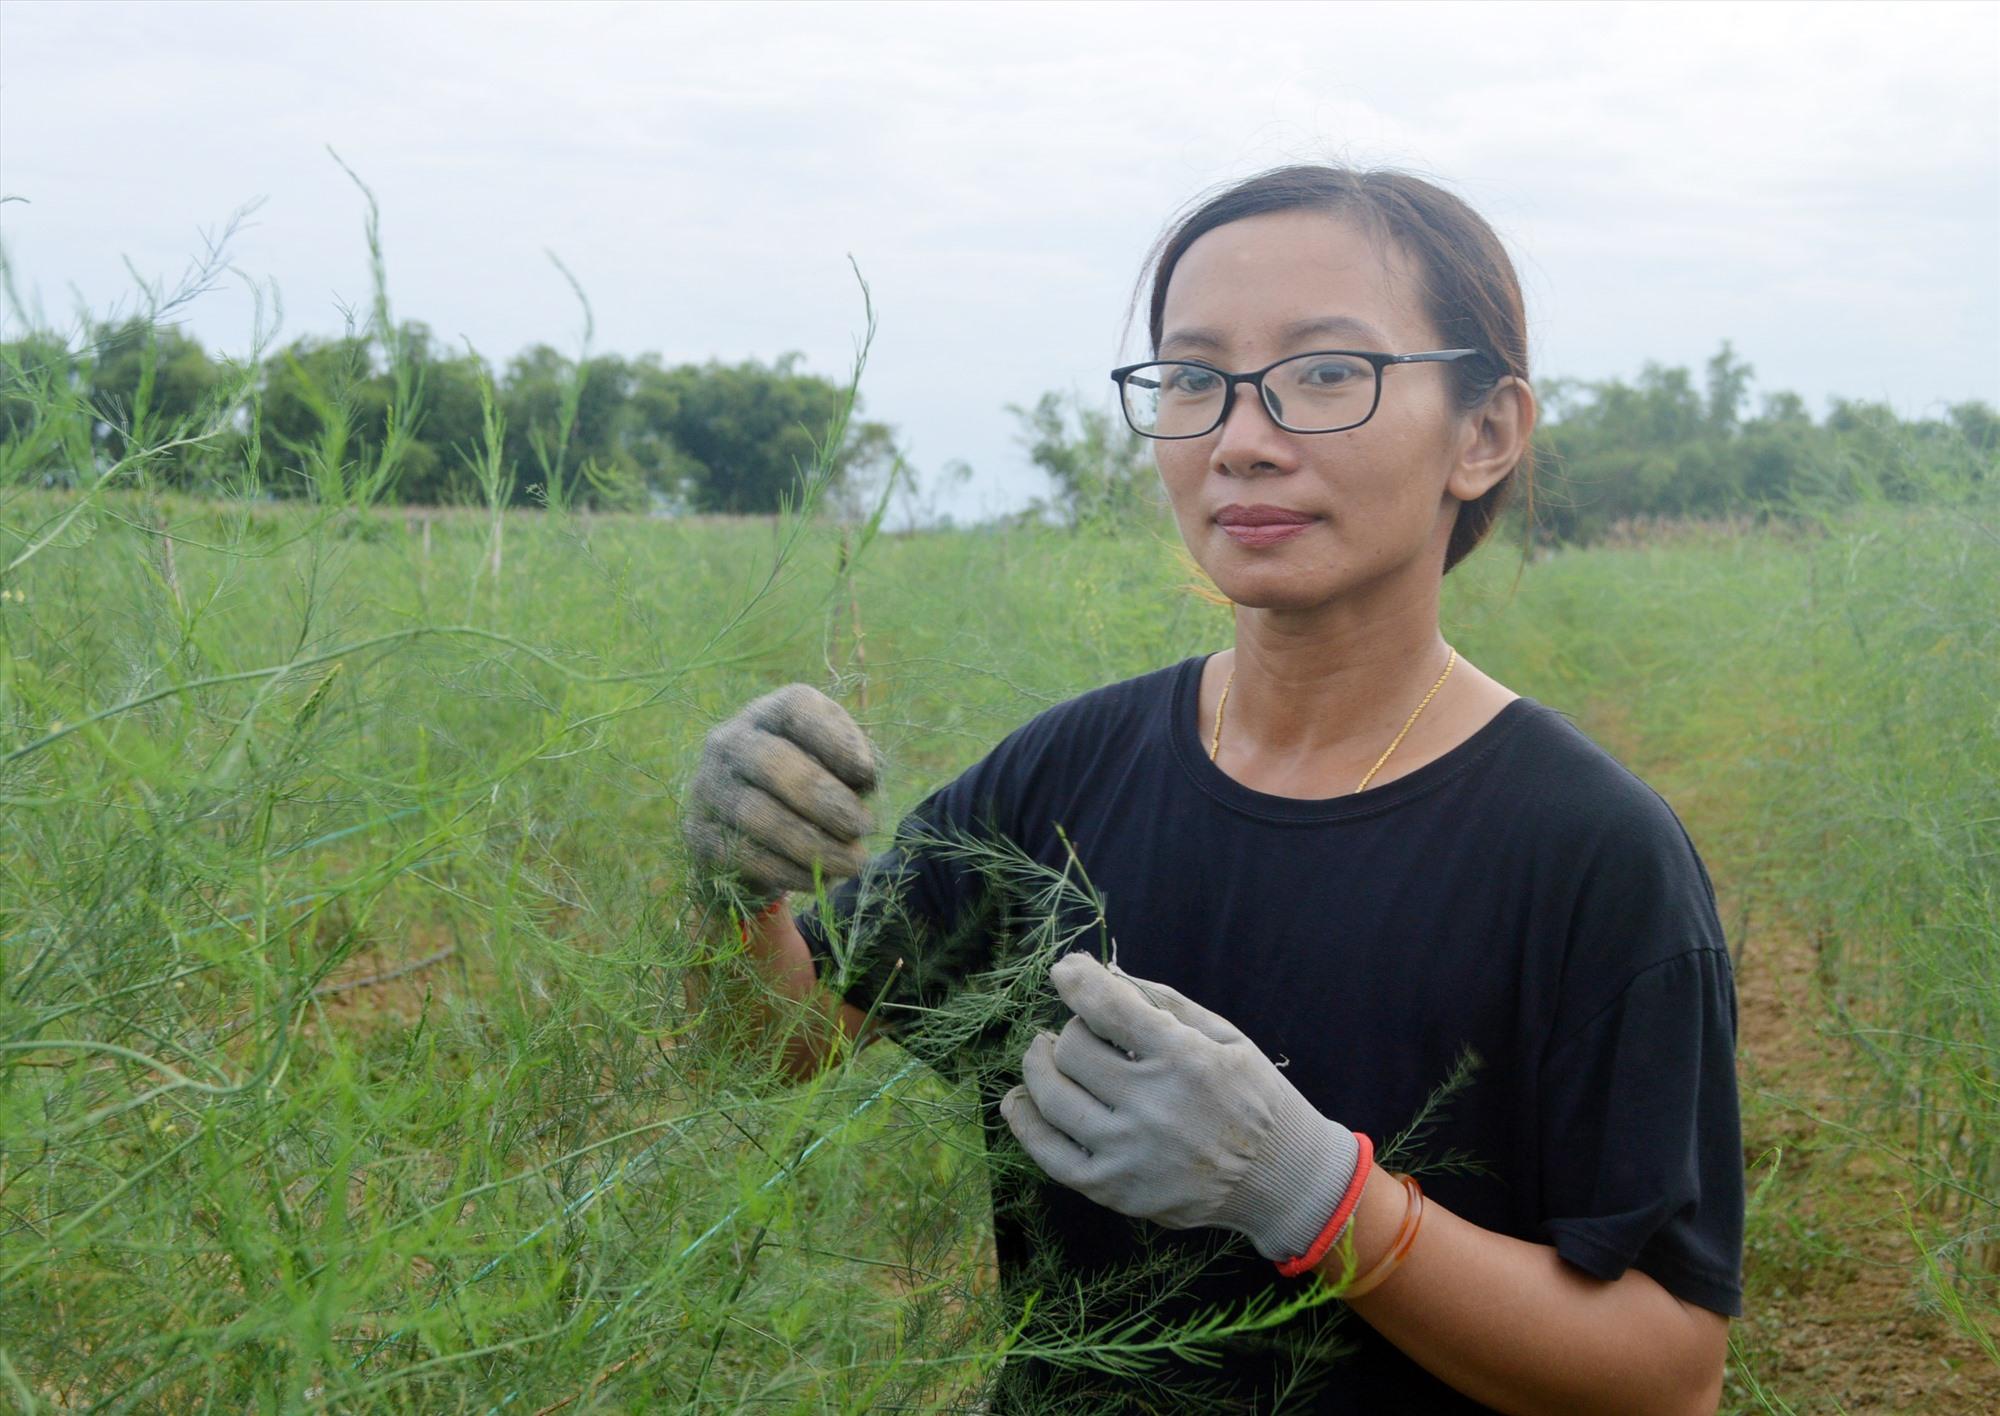 Cây măng tây được kỳ vọng sẽ đem về nguồn thu khá cho nông trại của Đông Phương. Ảnh: V.L